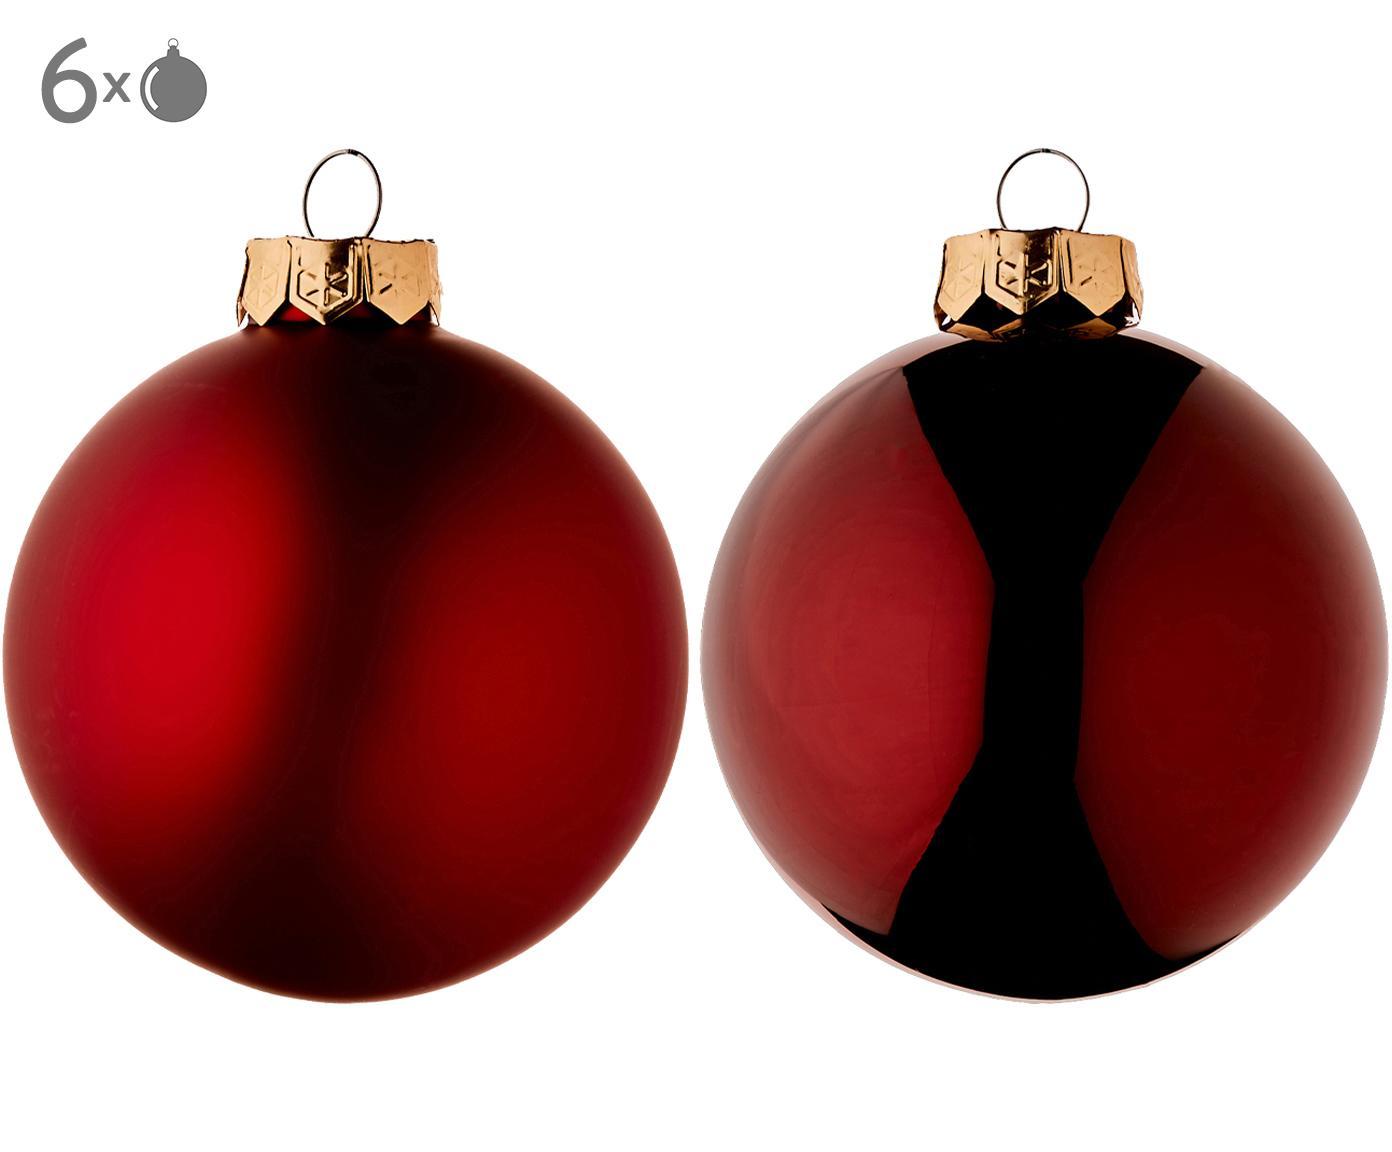 Kerstballenset Evergreen, 6-delig, Rood, Ø 8 cm